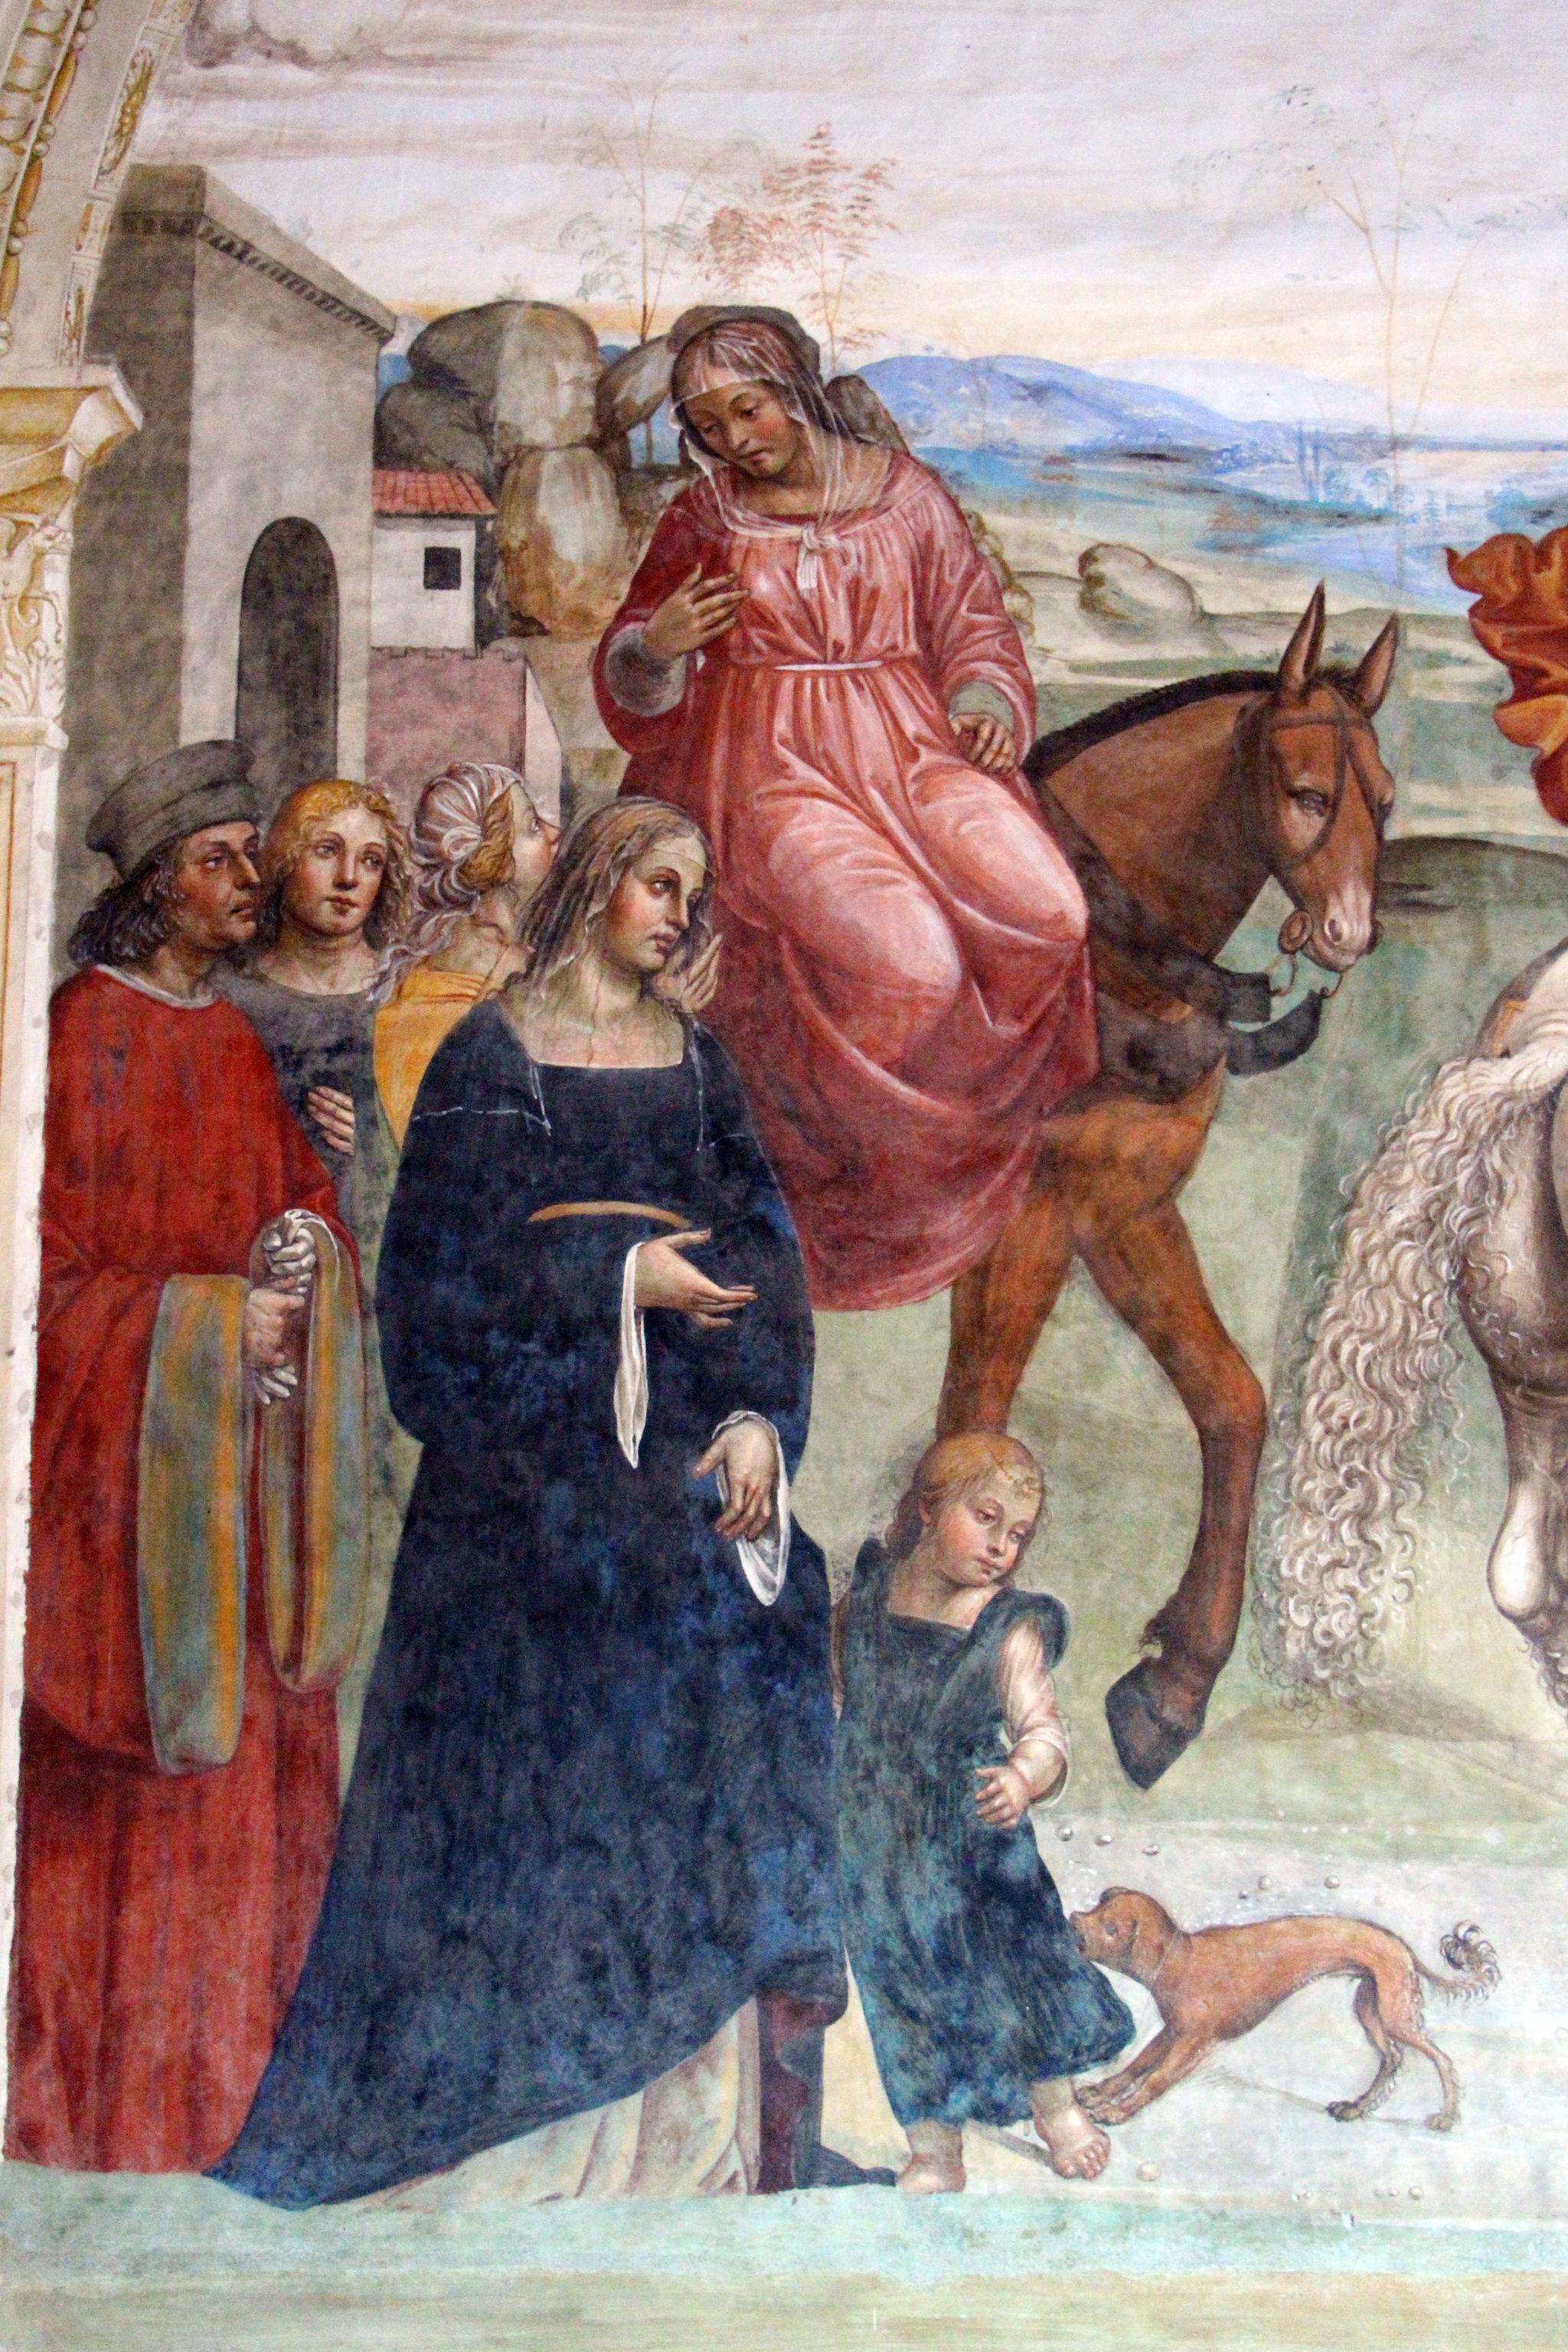 Storie di s. benedetto, 01 sodoma - Come Benedetto lascia la casa paterna e recasi a studio a Roma 02